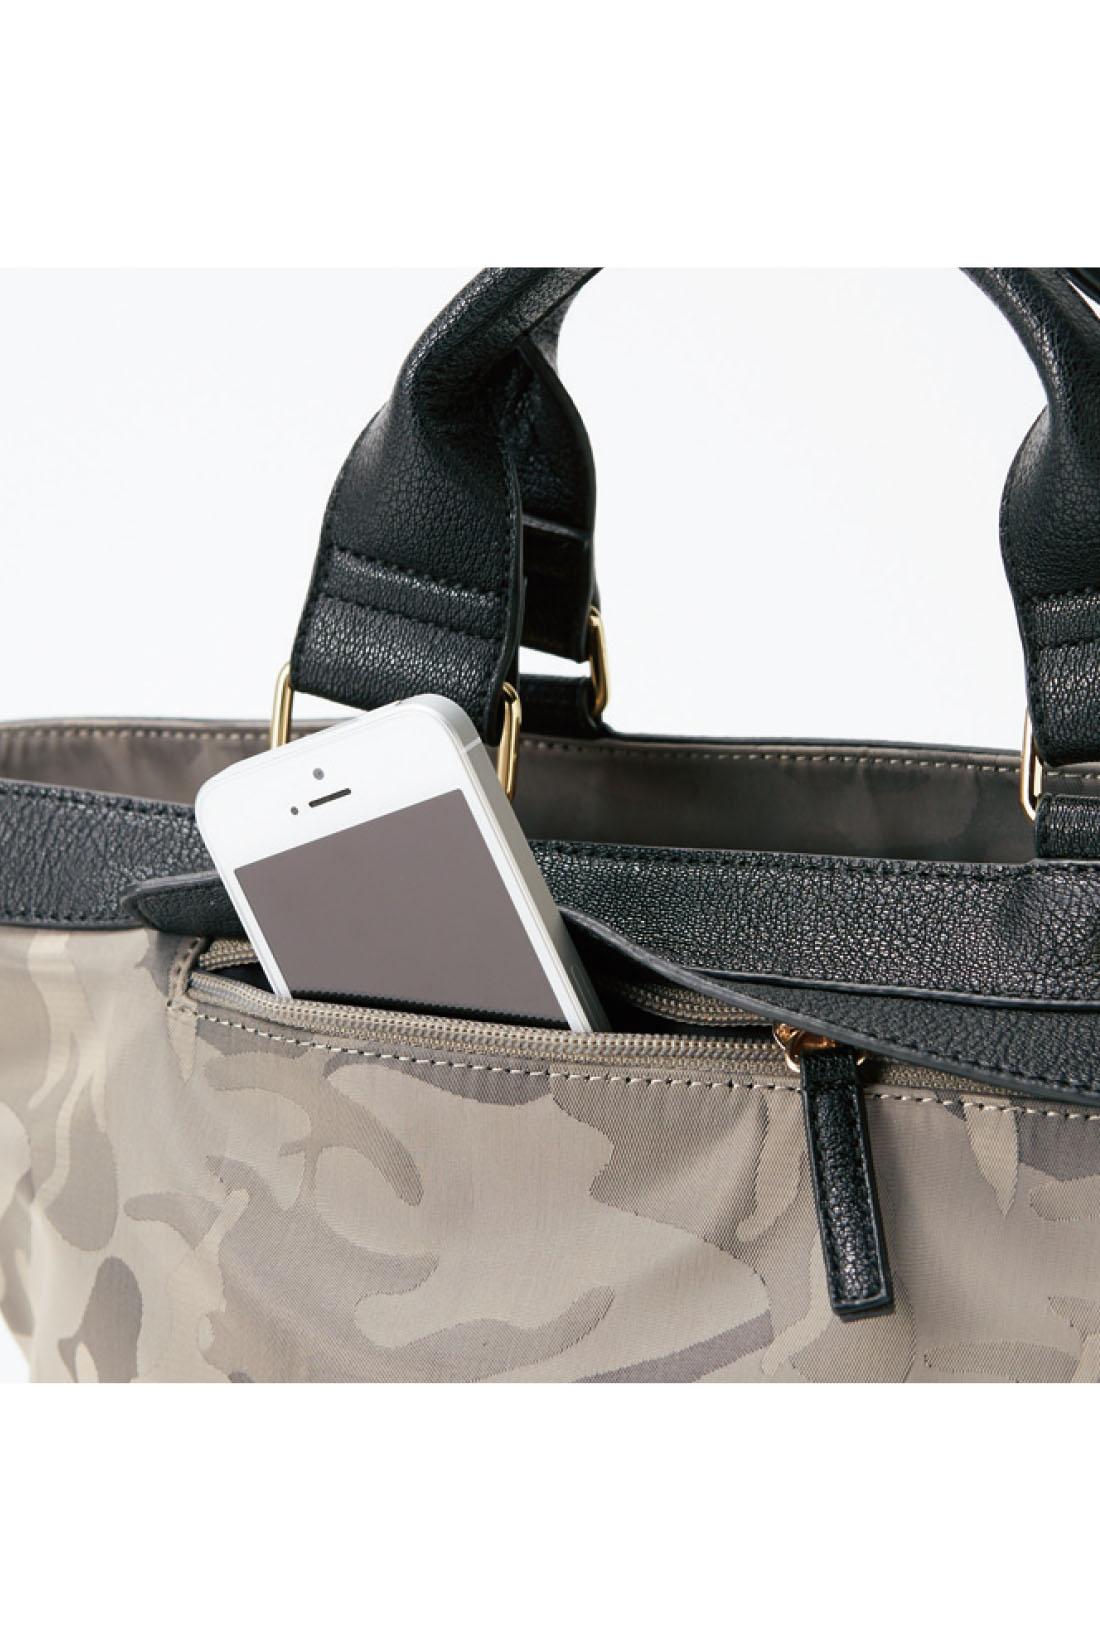 コインケースや定期など、出し入れ頻度高めの貴重品は、ジップ付きで安心の外側ポケットに。